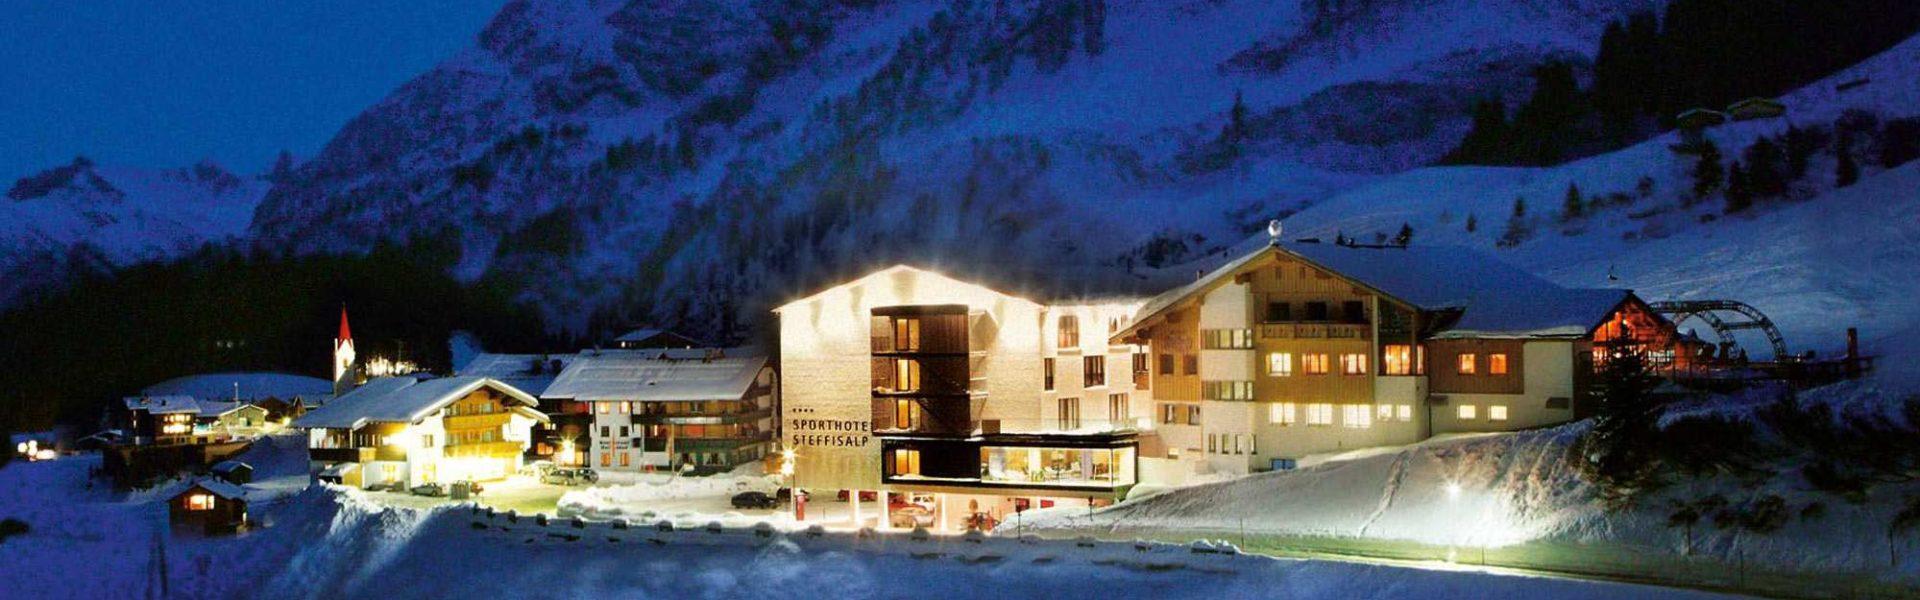 Sporthotel Steffisalp, Warth am Arlberg (c) Sporthotel Steffisalp